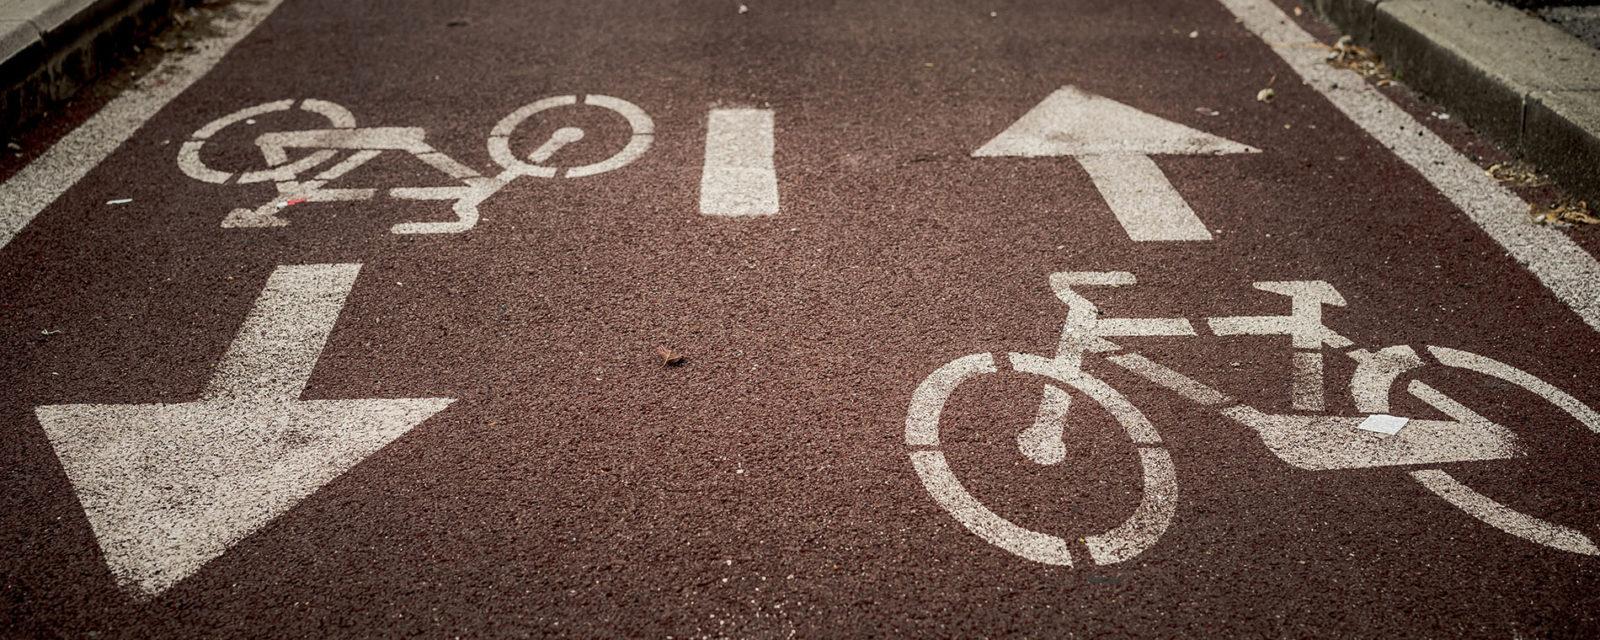 La Rochelle Université encourage la mobilité douce